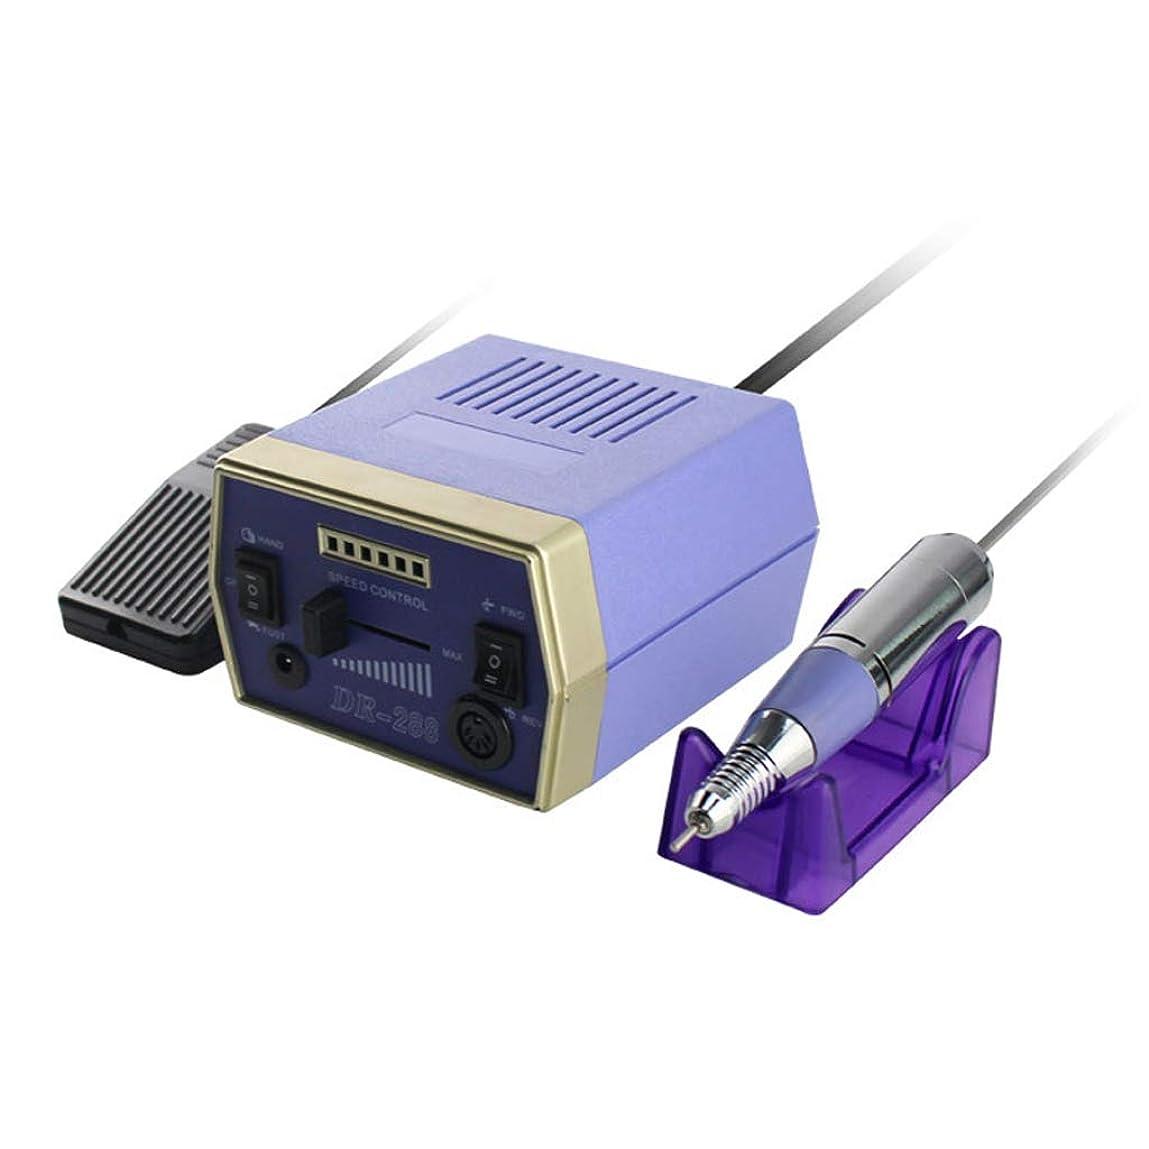 シャワー歯車余計な爪電動グラインダー3万ターンマニキュアペディキュア低熱低ノイズ振動研磨ツール